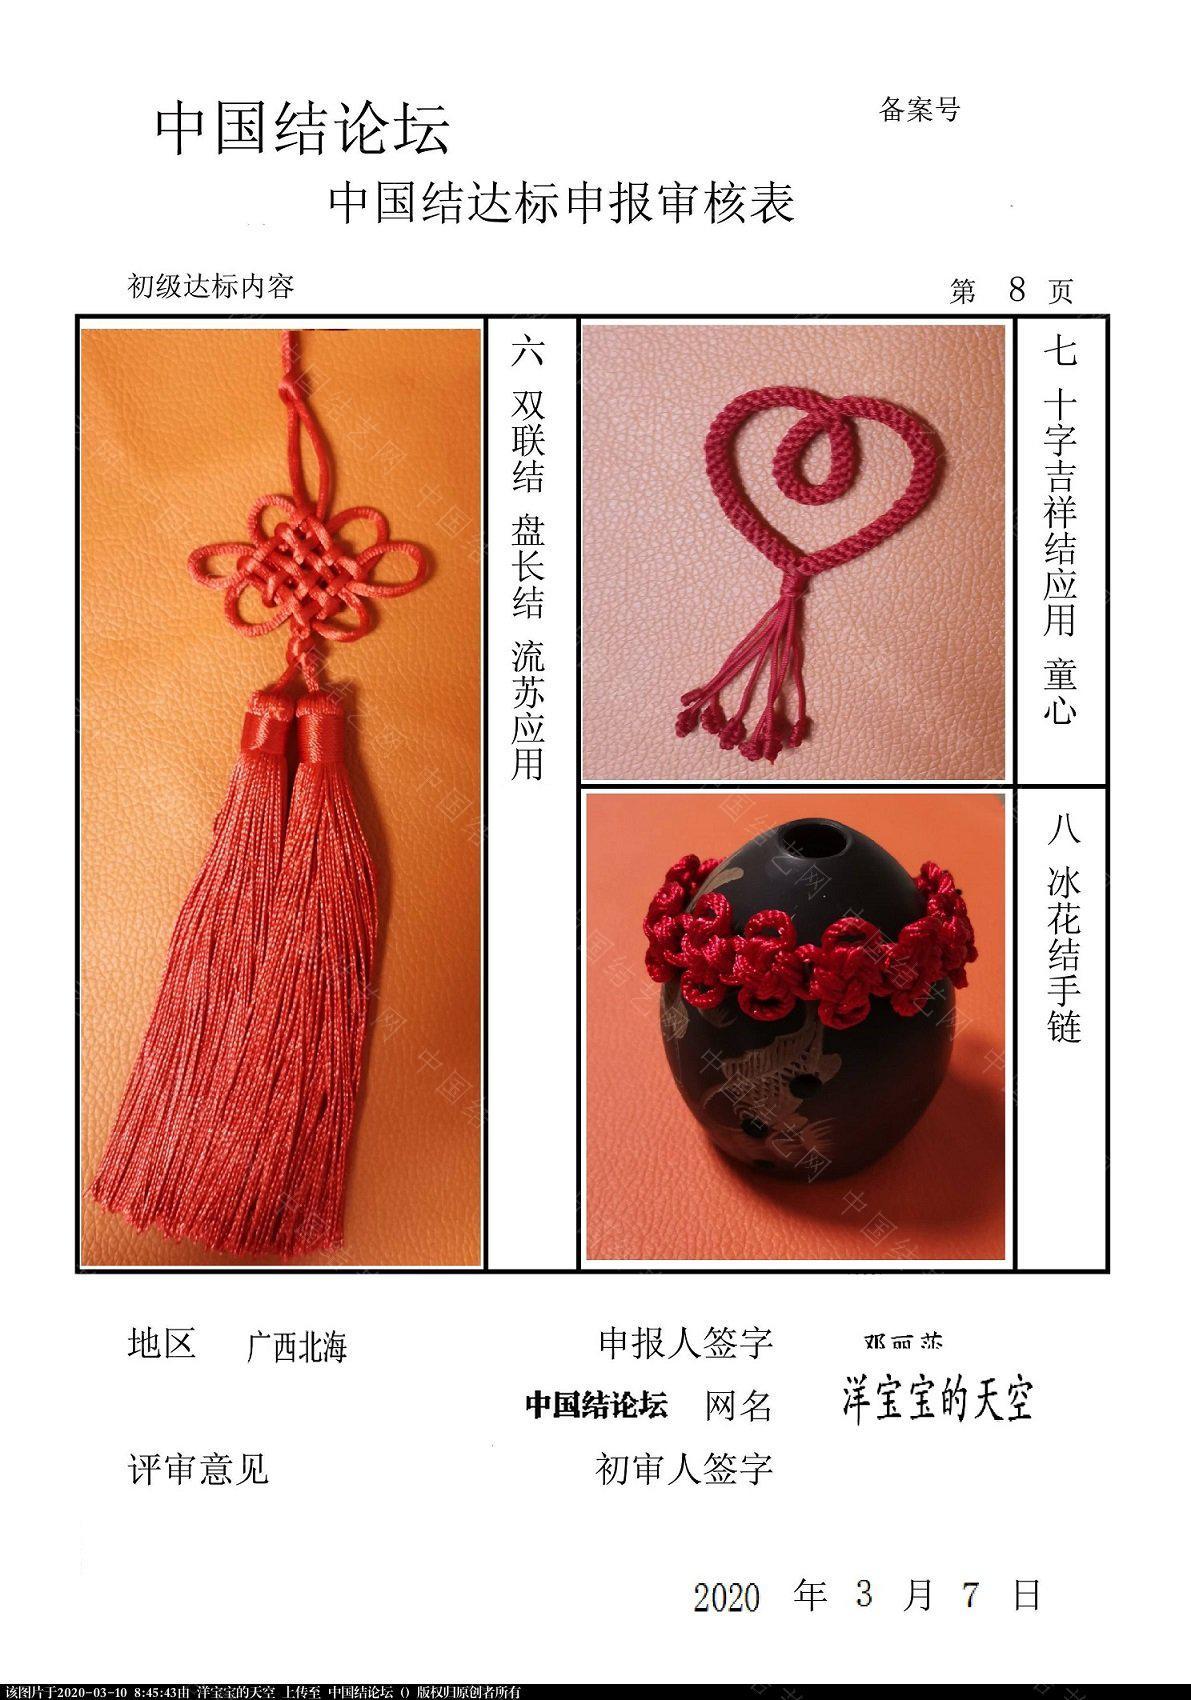 中国结论坛 洋宝宝的天空---初级稿件请老师们审核(修改)  中国绳结艺术分级达标审核 084121u83s88ze8asr6euk